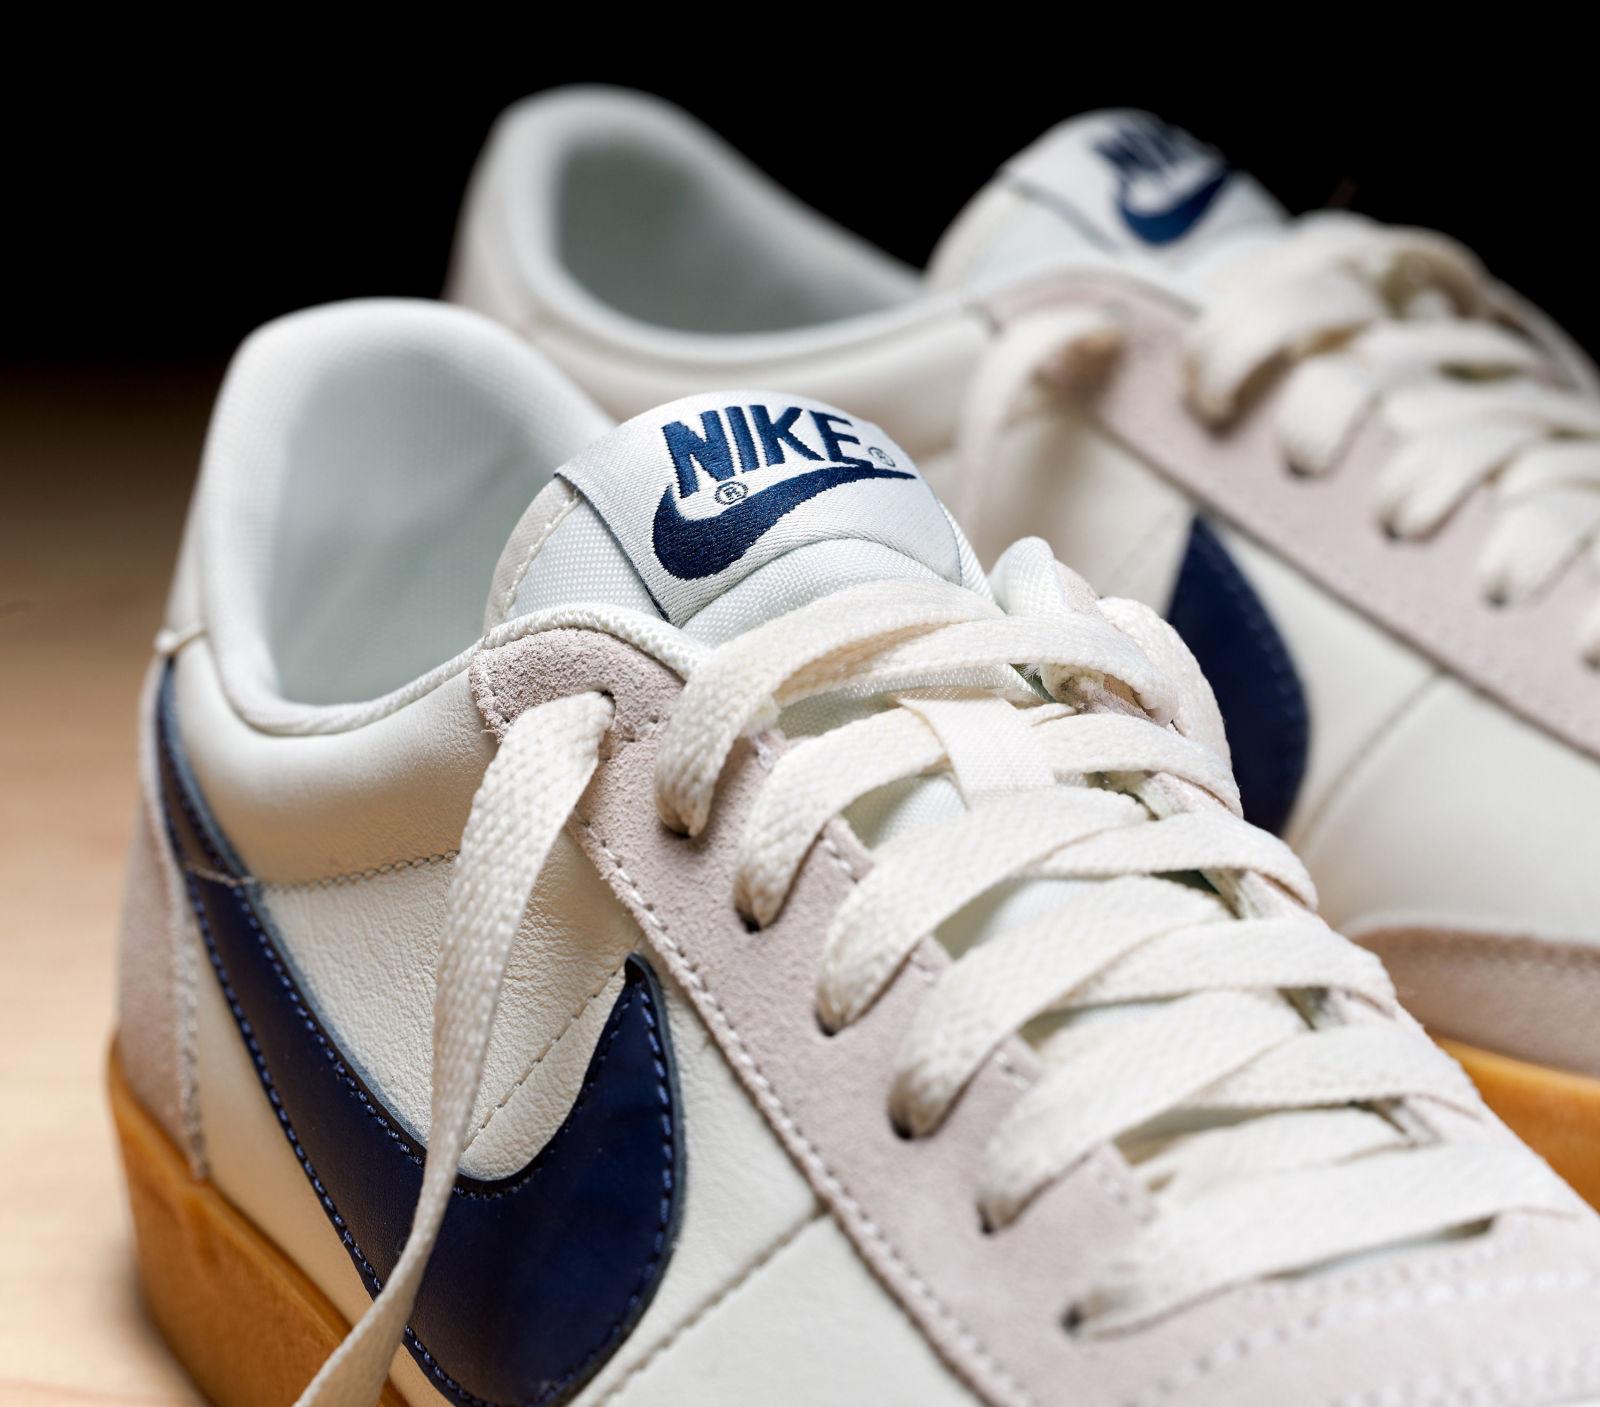 Killshot - mẫu sneaker cổ điển trứ danh của Nike chuẩn bị tái xuất giang hồ tháng 3 này - Ảnh 8.